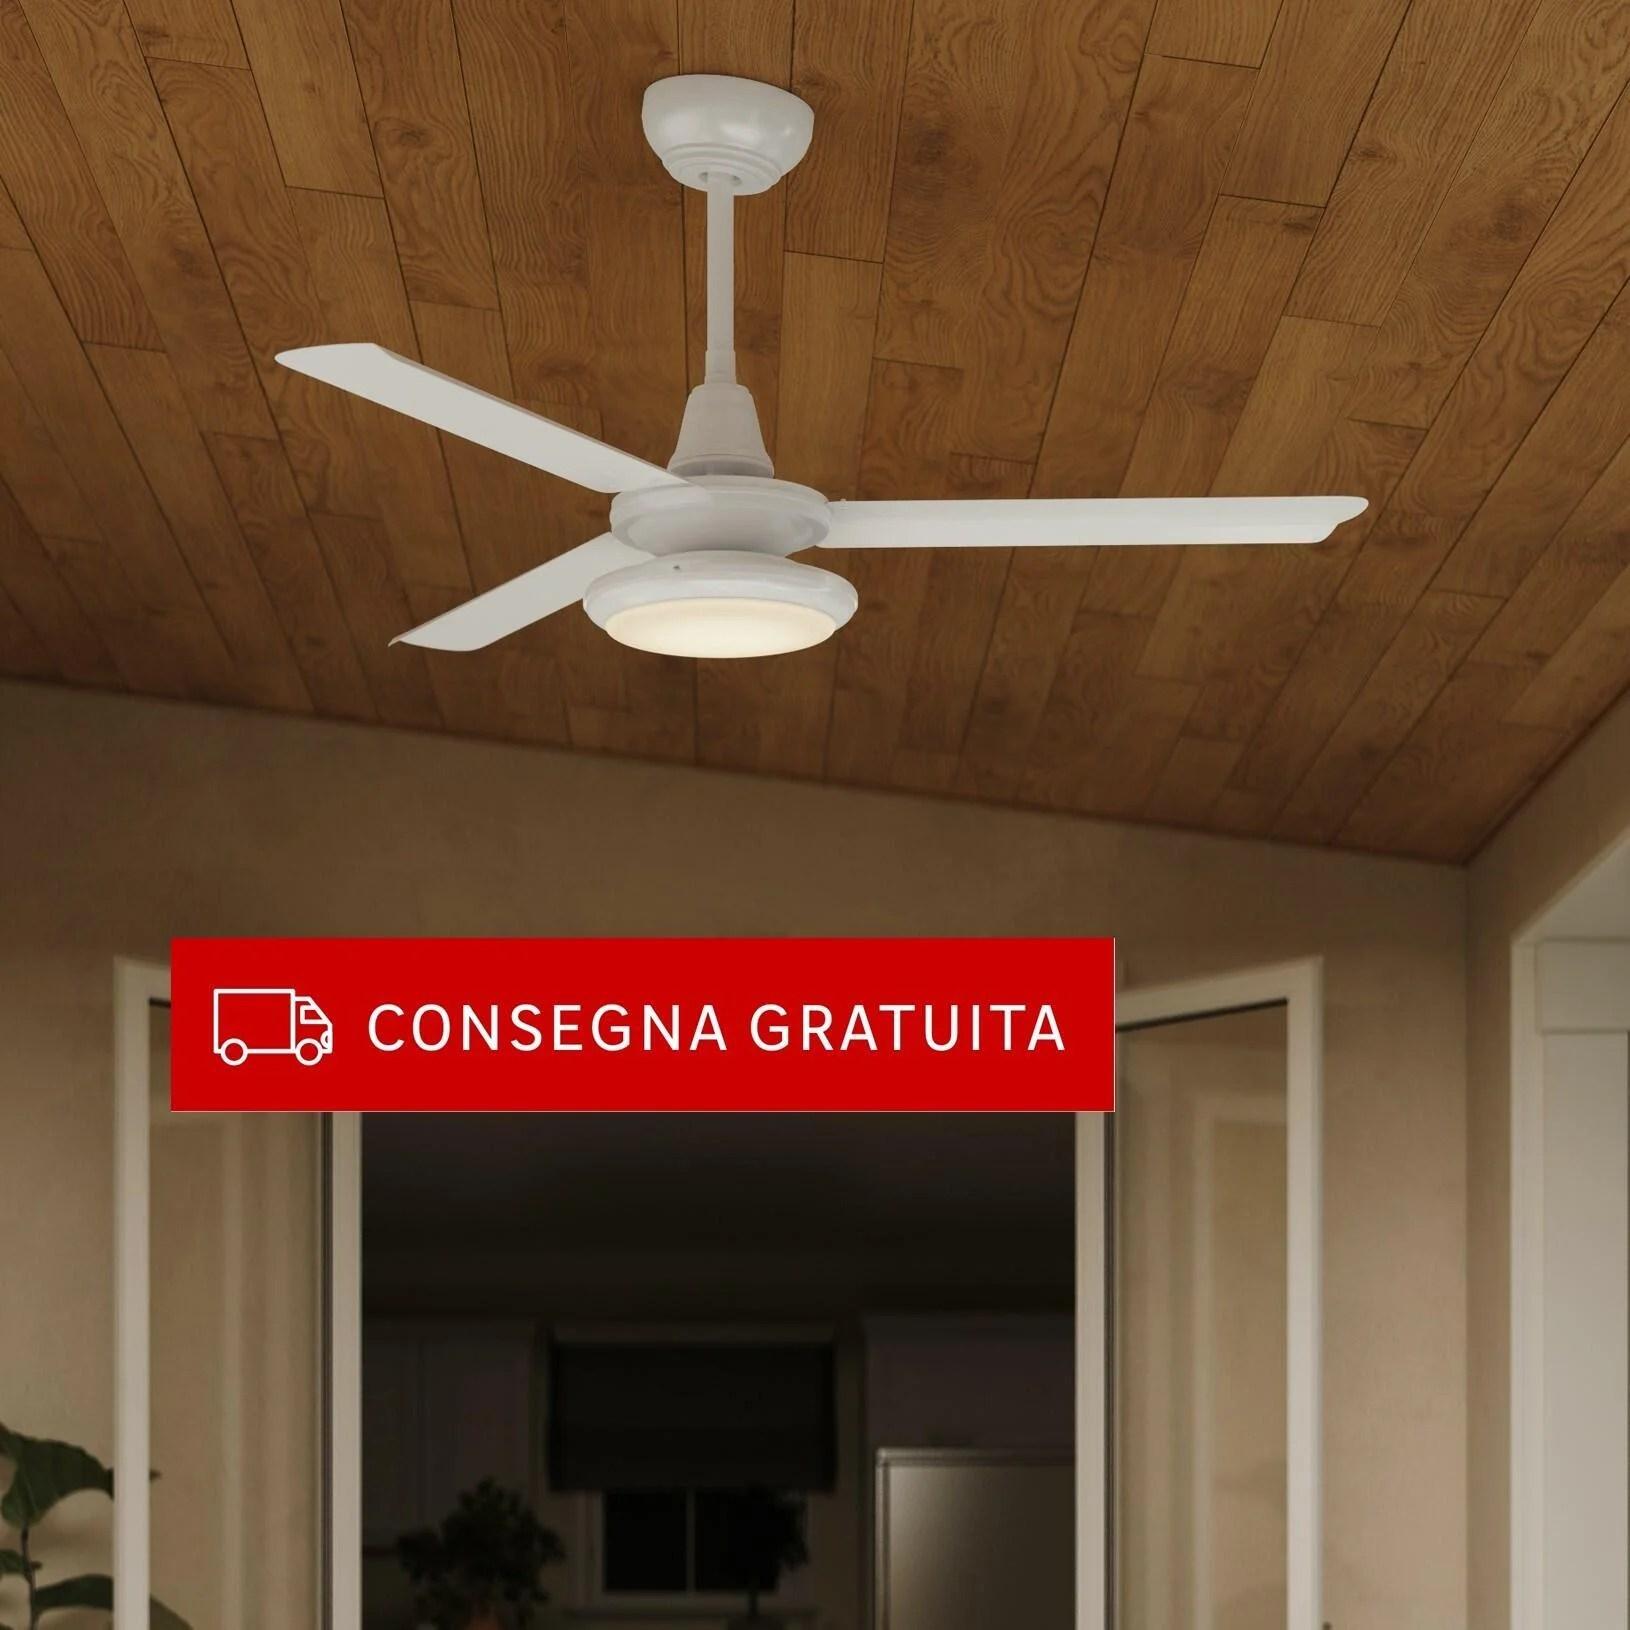 Prezzo:in offerta su amazon a: Ventilatori Da Soffitto Leroy Merlin